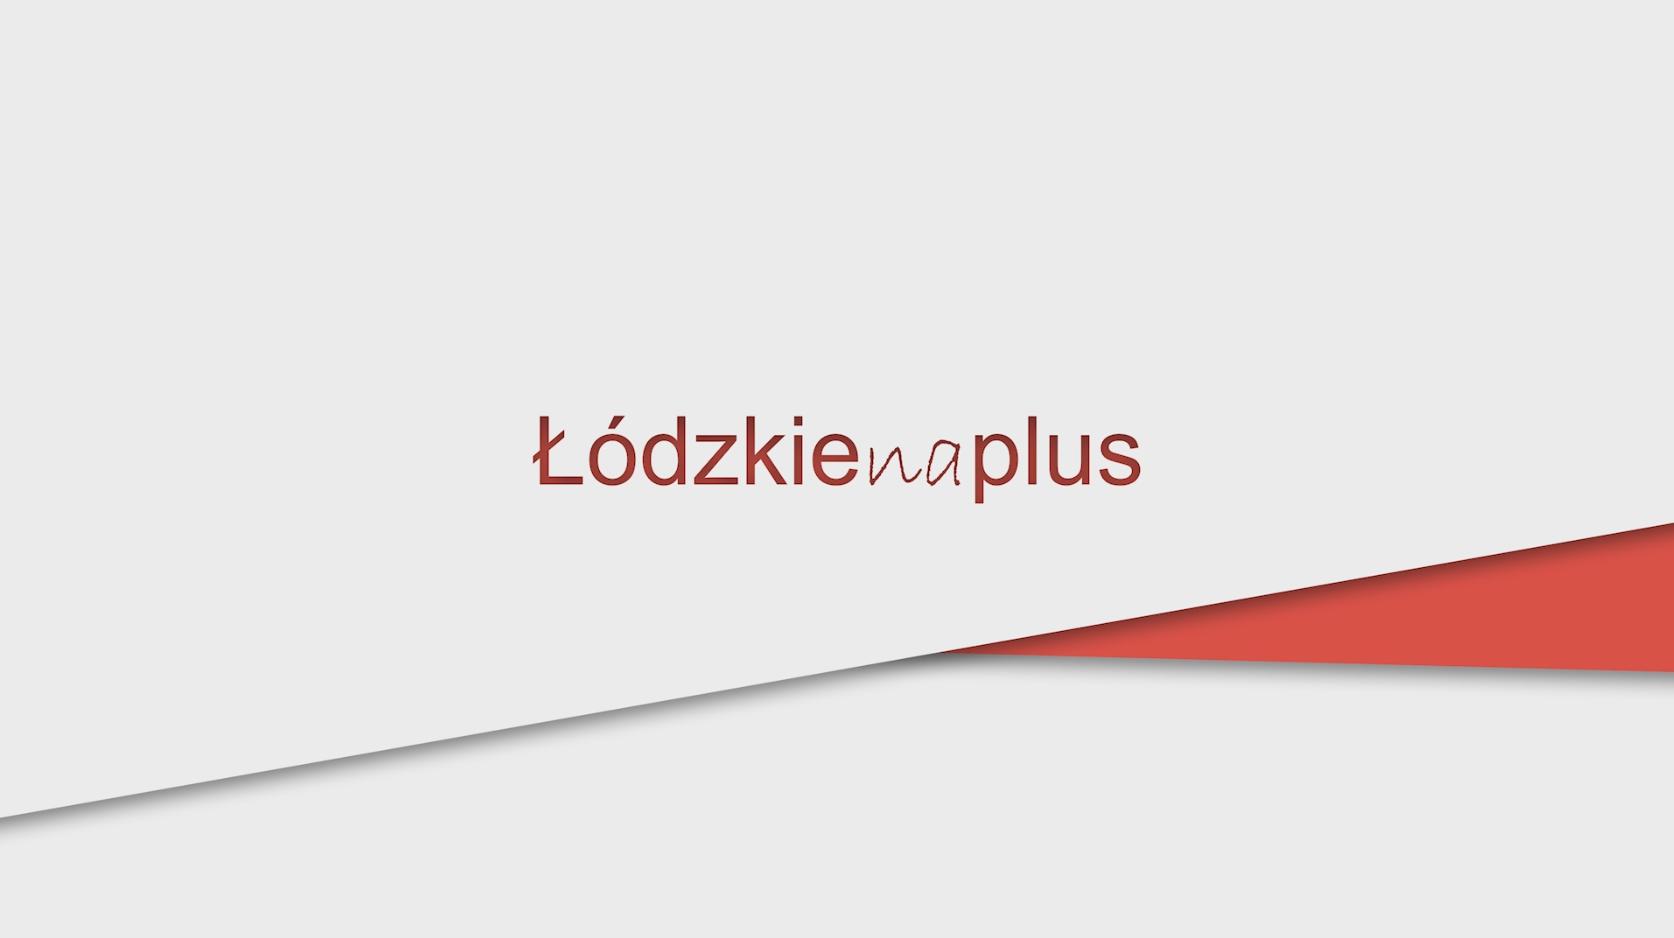 Łódzkie na plus odc.3